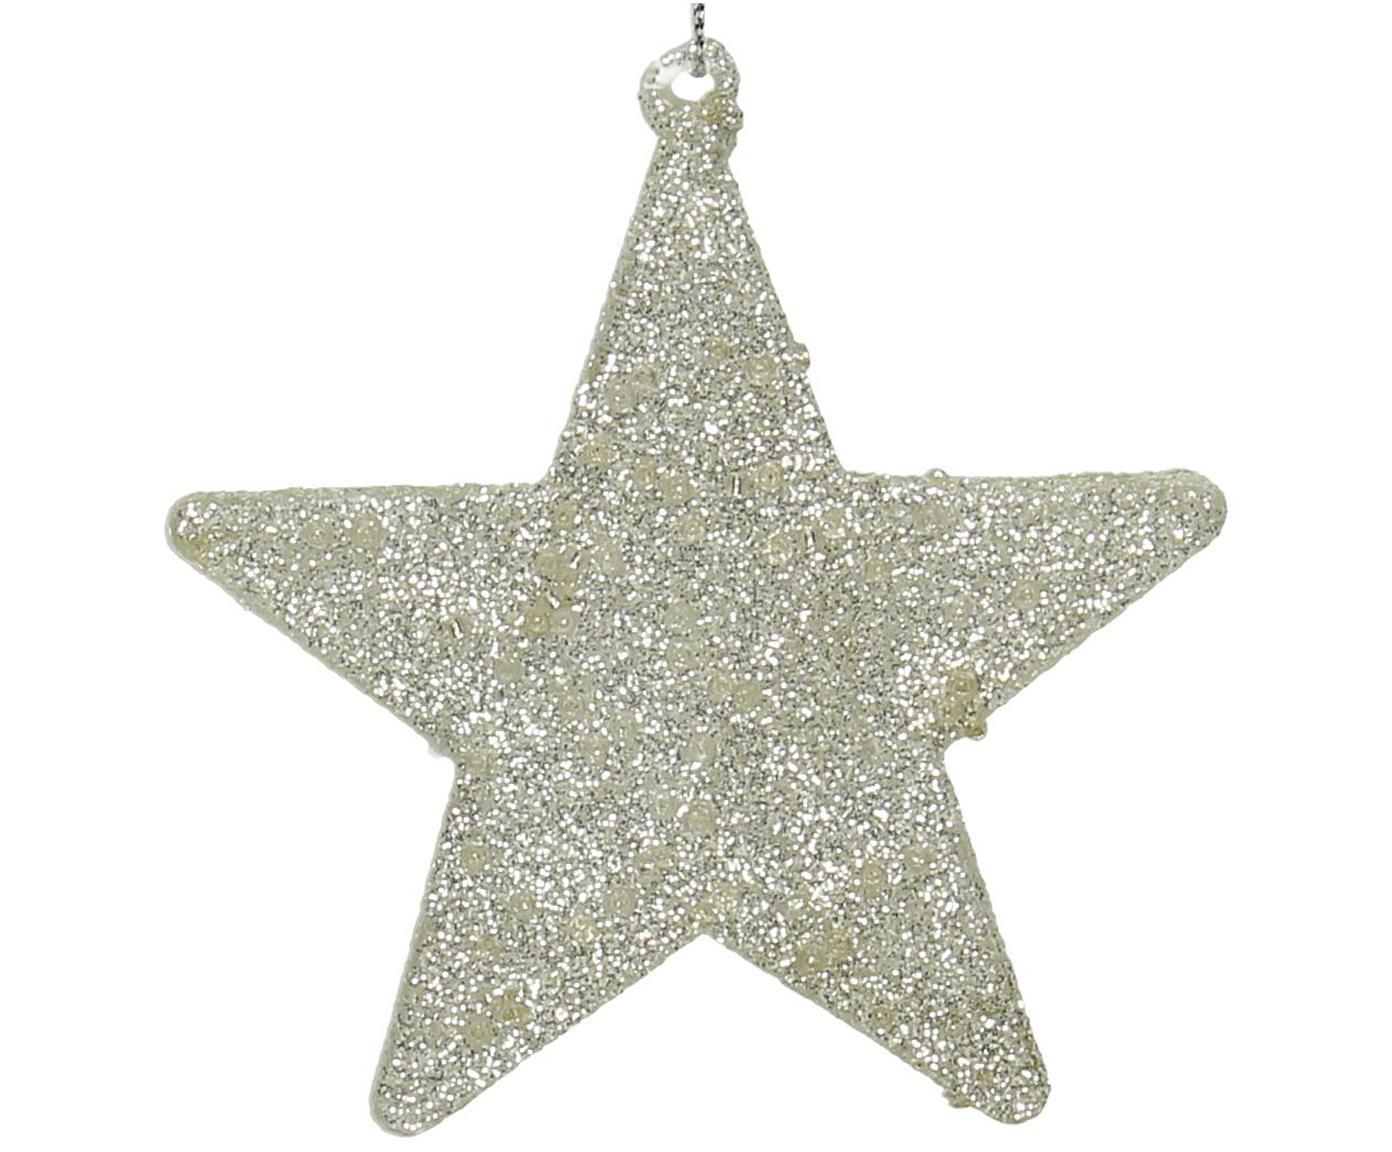 Baumanhänger-Set Silver Star, 2 Stück, Silberfarben, glänzend, 10 x 10 cm